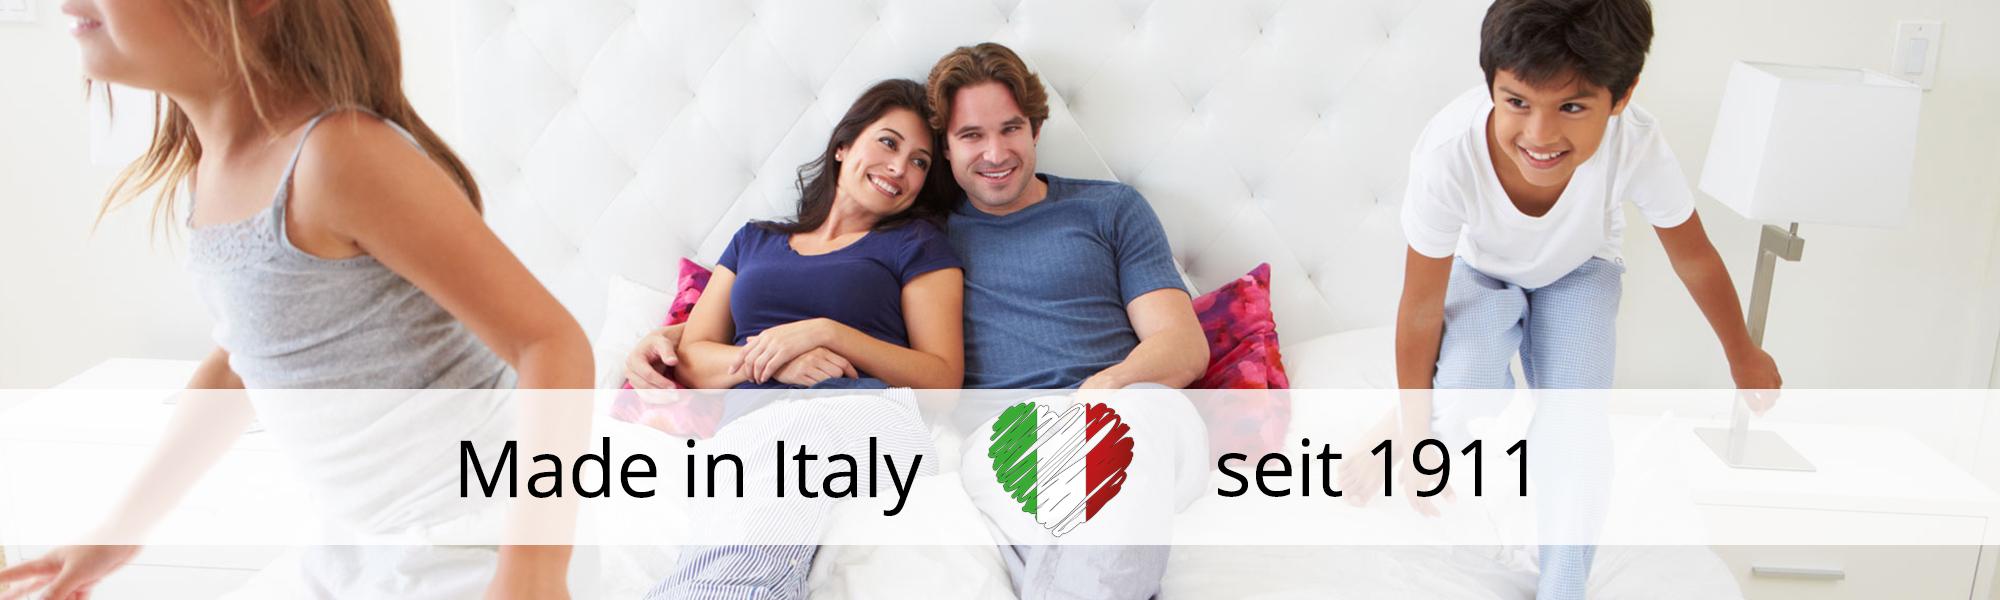 Marcapiuma-Matratzen-seit-1911-Italien-produkt